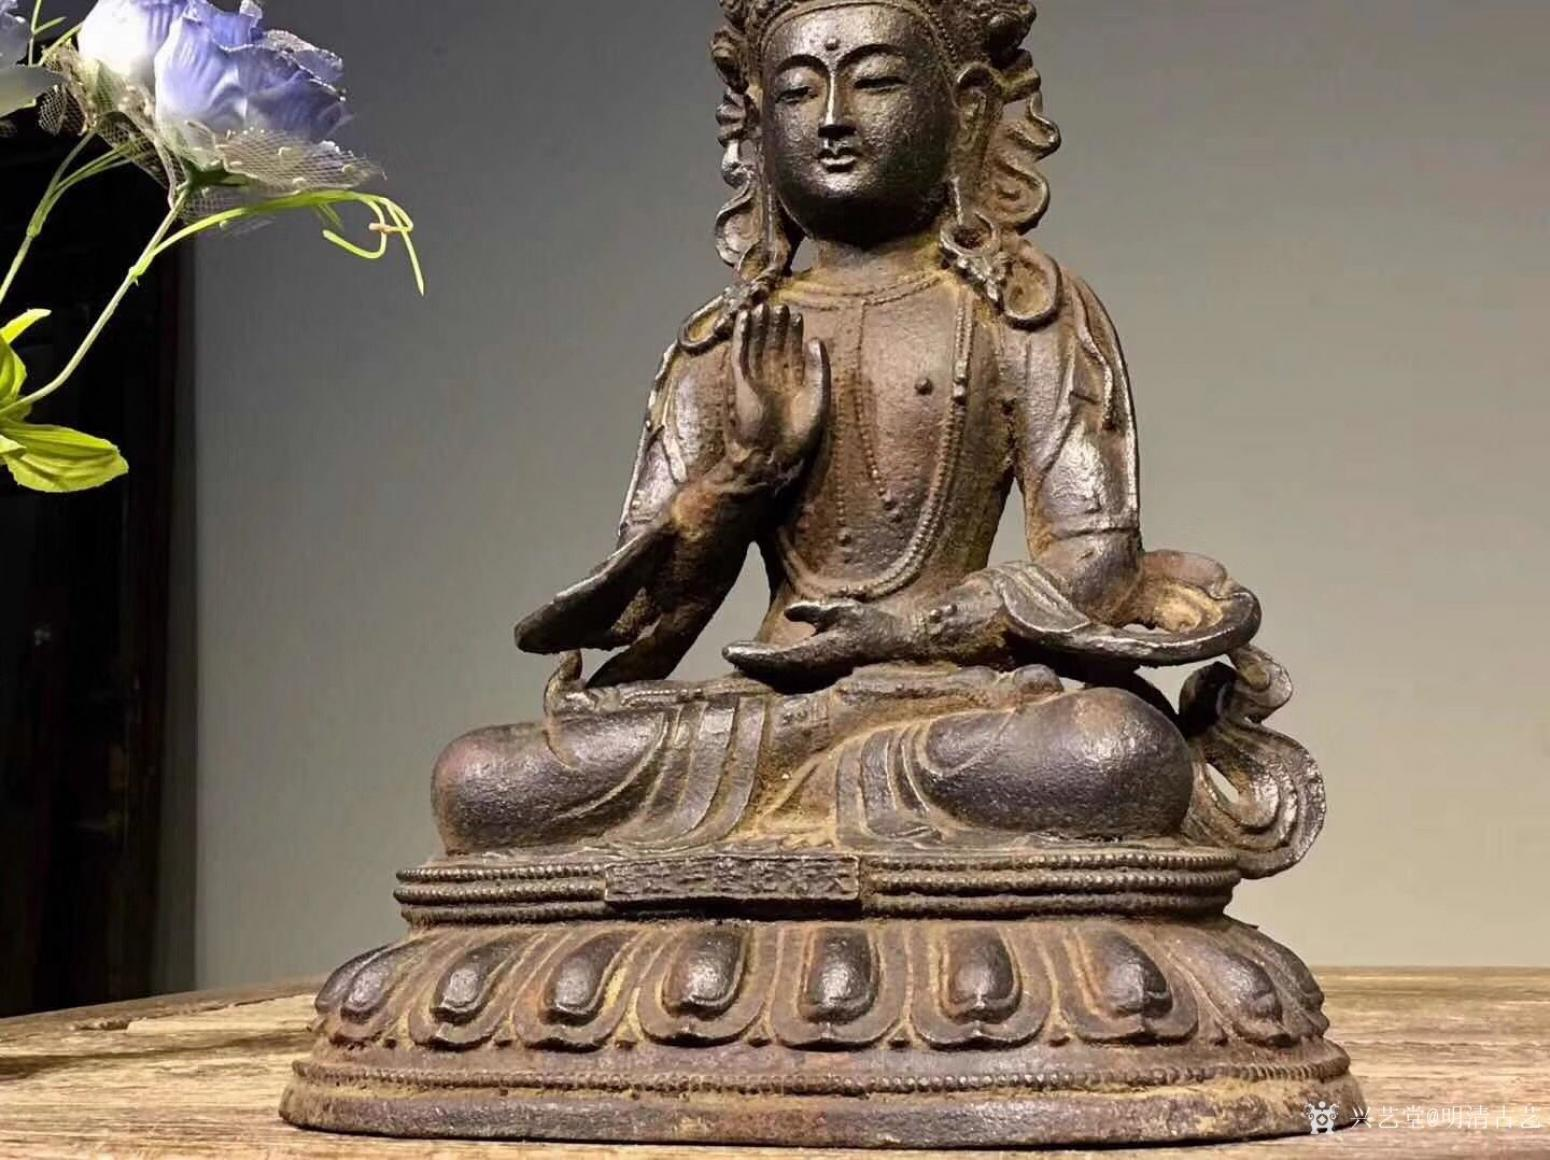 明清古艺雕刻作品《佛像菩萨盘坐》【图2】